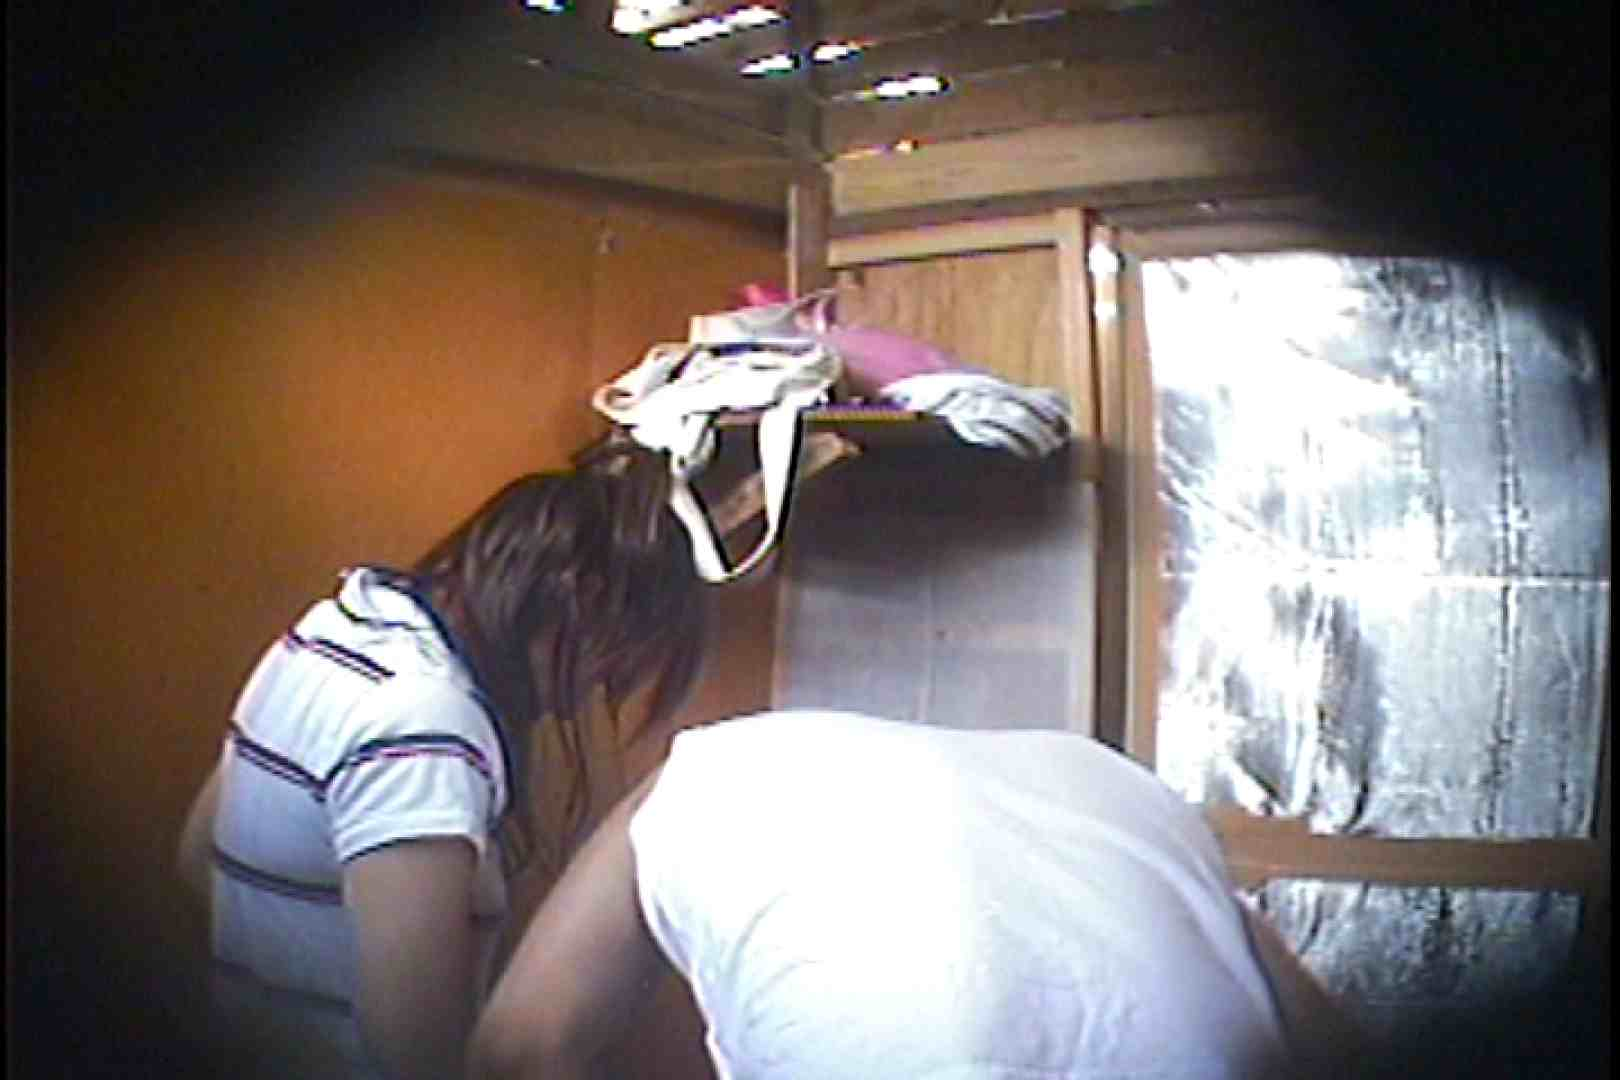 海の家の更衣室 Vol.57 エッチすぎる美女 SEX無修正画像 52連発 47